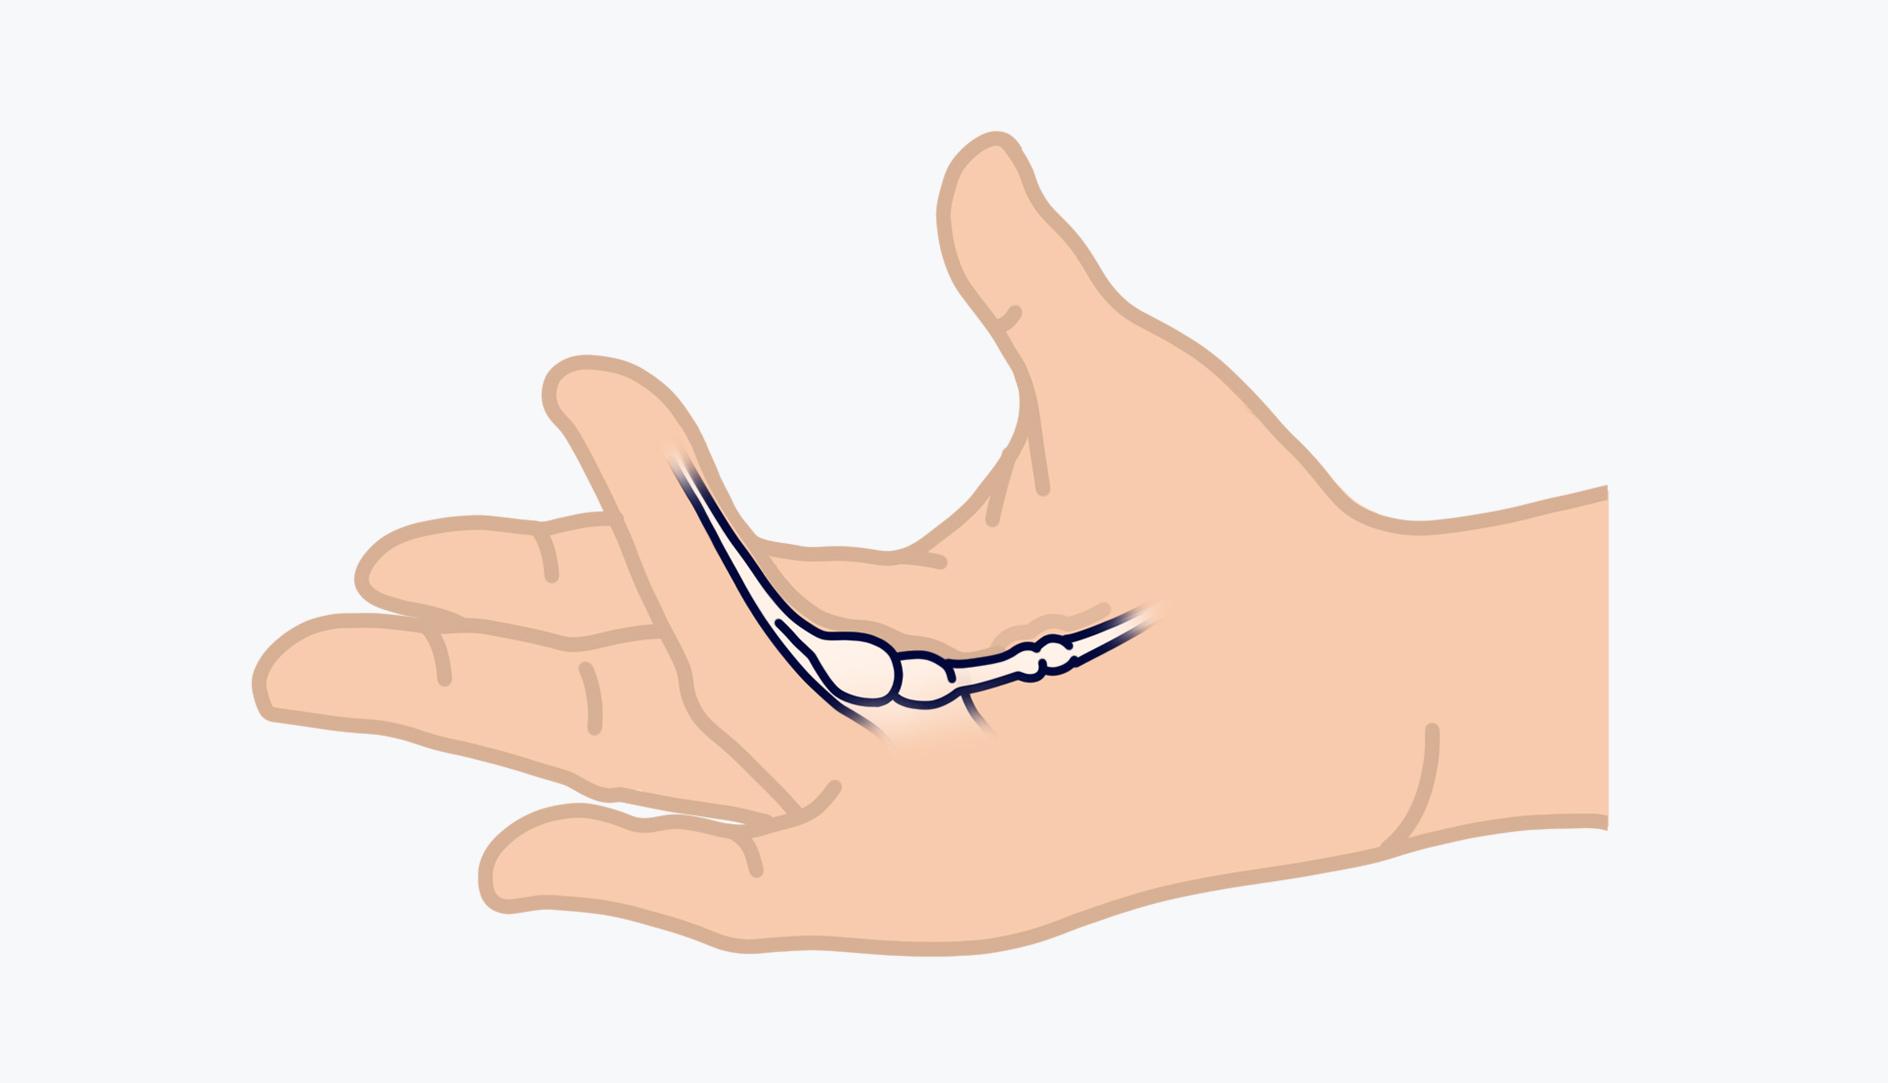 Bei Morbus Dupuytren entwickelt sich langsam ein Strang aus Kollagen in der Handfläche